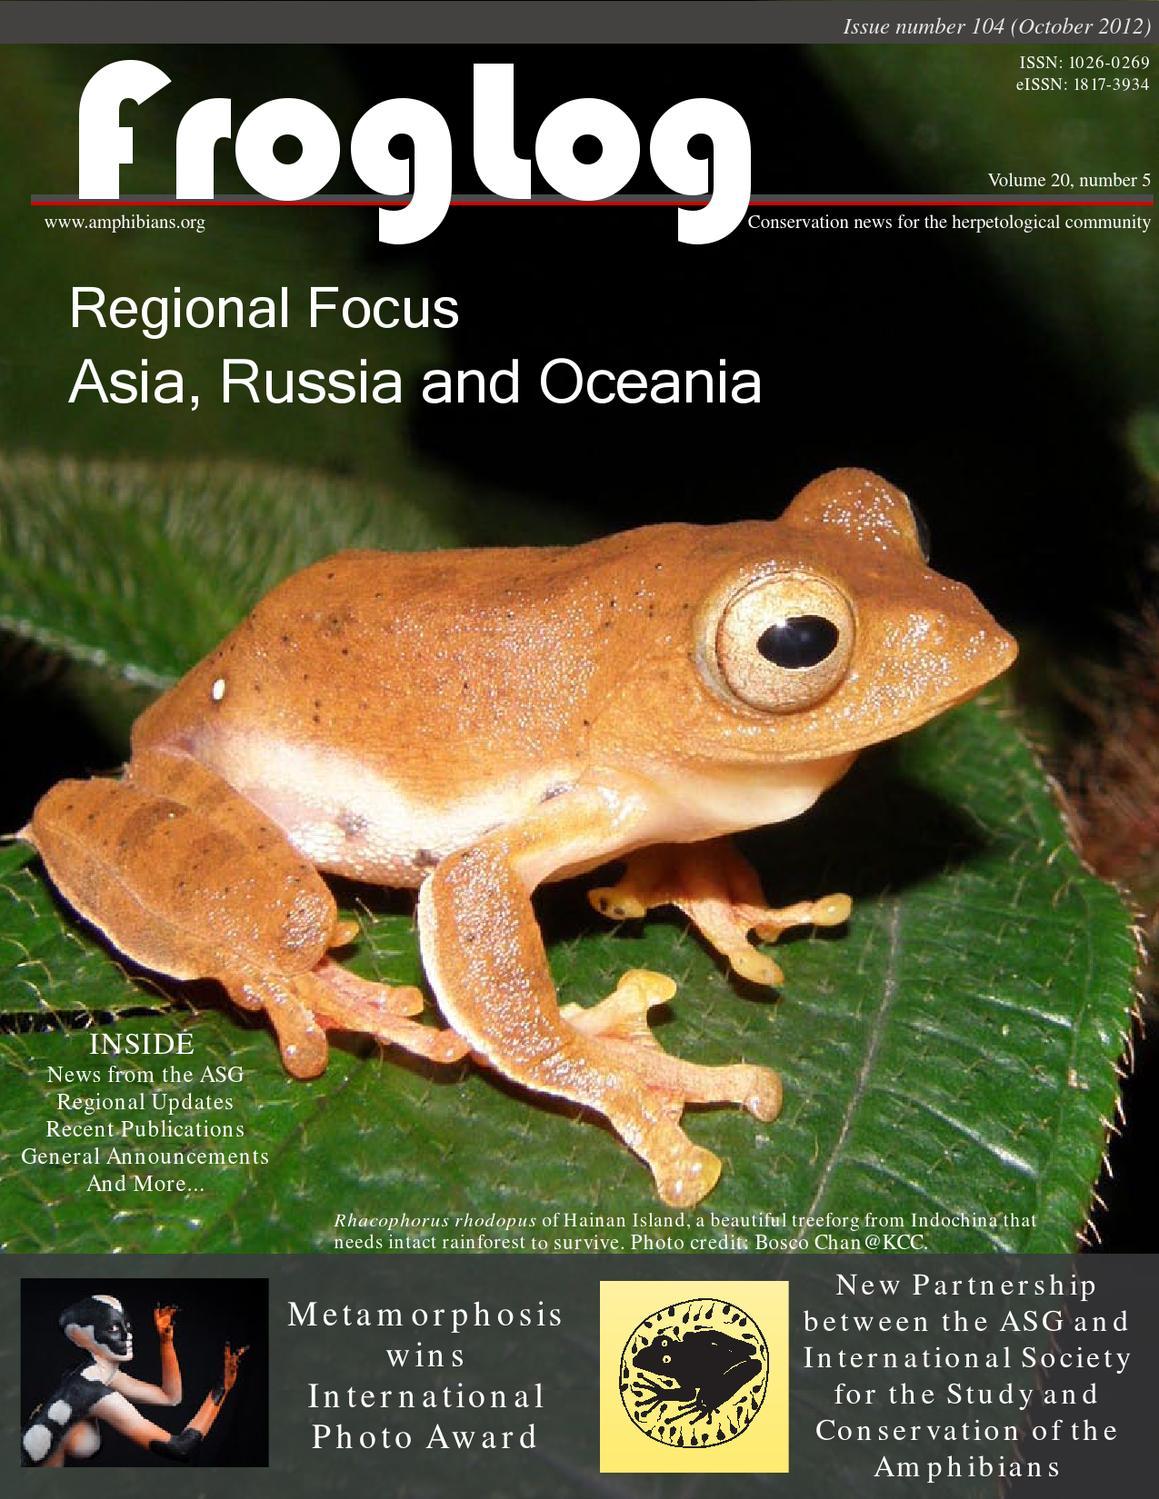 Aureolas Gigantes froglog 104amphibian survival alliance - issuu